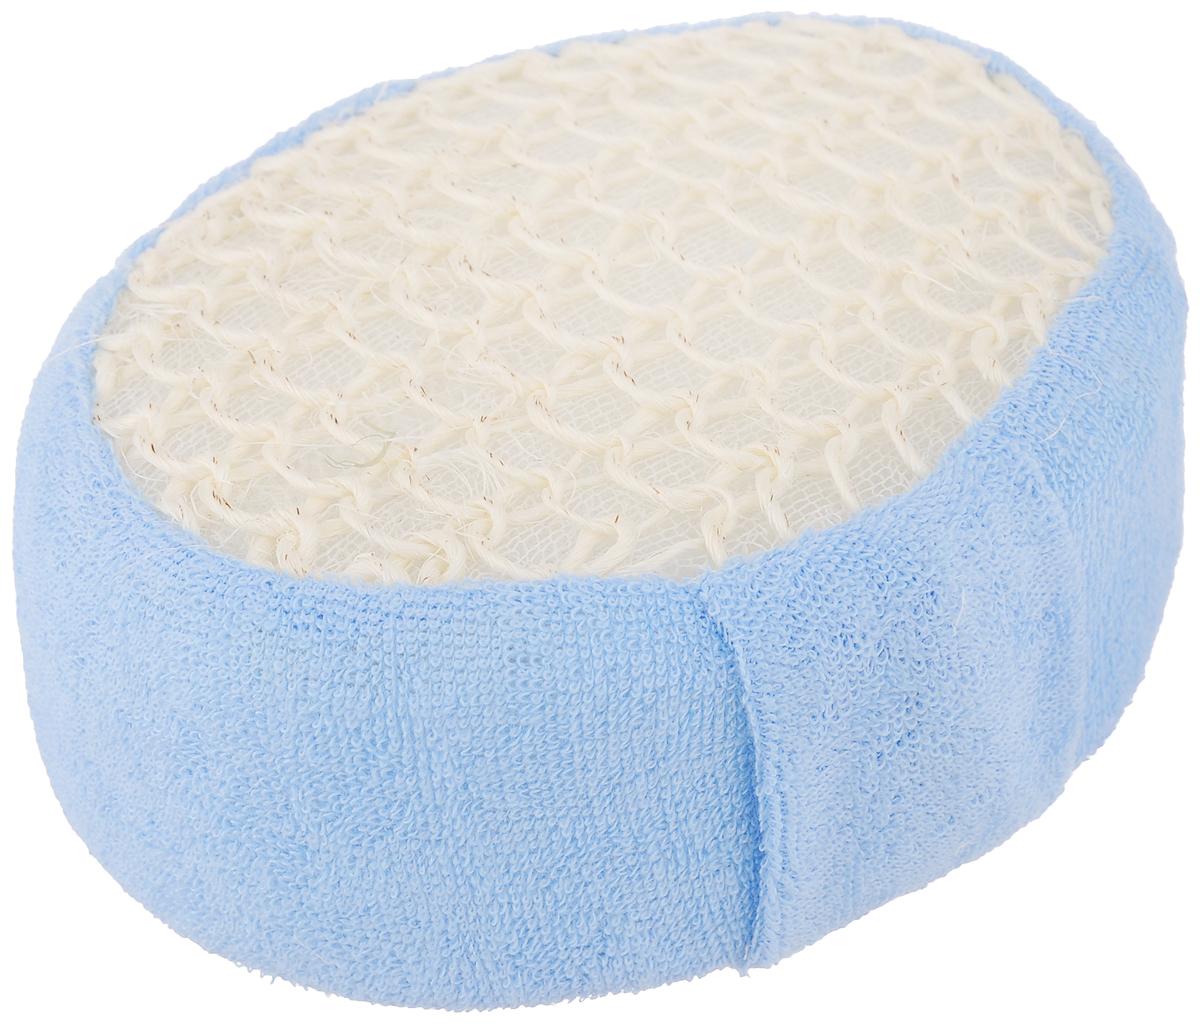 Мочалка Банные штучки, из сизаля и хлопка, цвет: голубой5010777139655Натуральная мочалка Банные штучки выполнена из волокна мексиканской агавы - сизаля. Предназначена для интенсивного, антицеллюлитного массажа, обладает эффектом скраба. Обратная сторона мочалки изготовлена из нежного хлопка, бережно очищающего кожу. Идеально подходит для людей, склонных к аллергии, так как не требует использования мыла. Рекомендуется предварительно запарить.